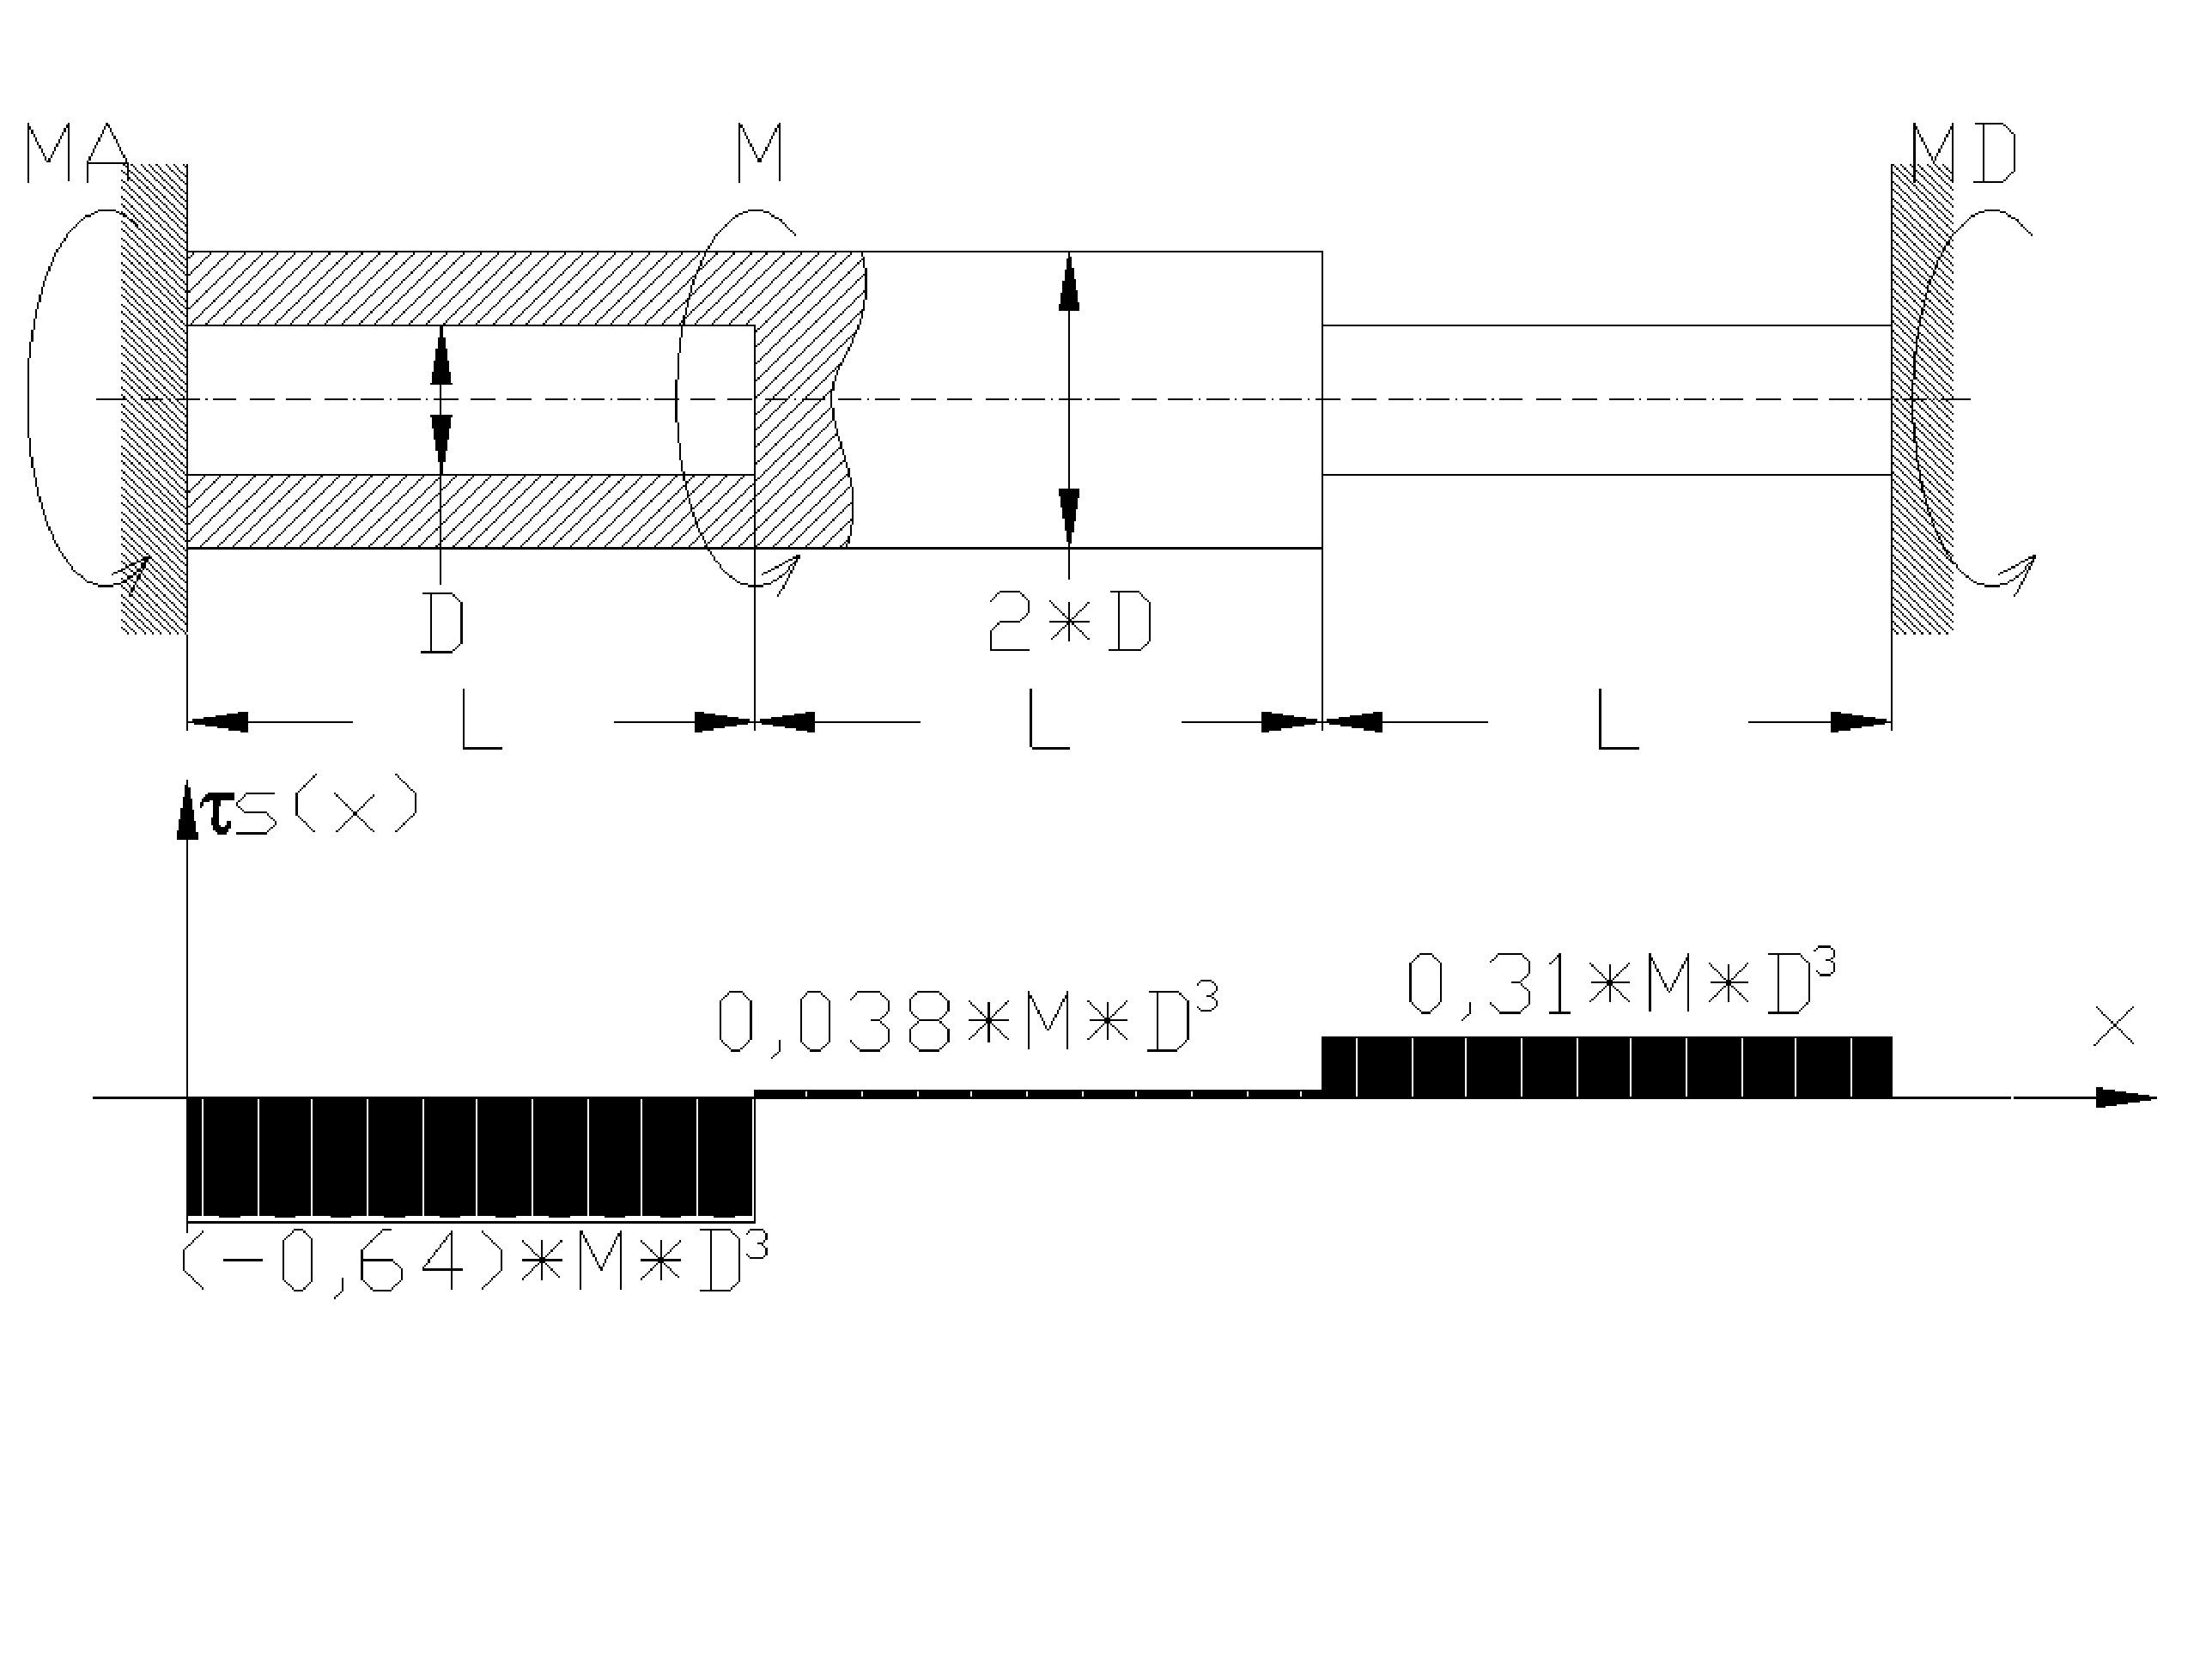 skrecanie7 - Skręcanie - wytrzymałość materiałów - zadanie 13